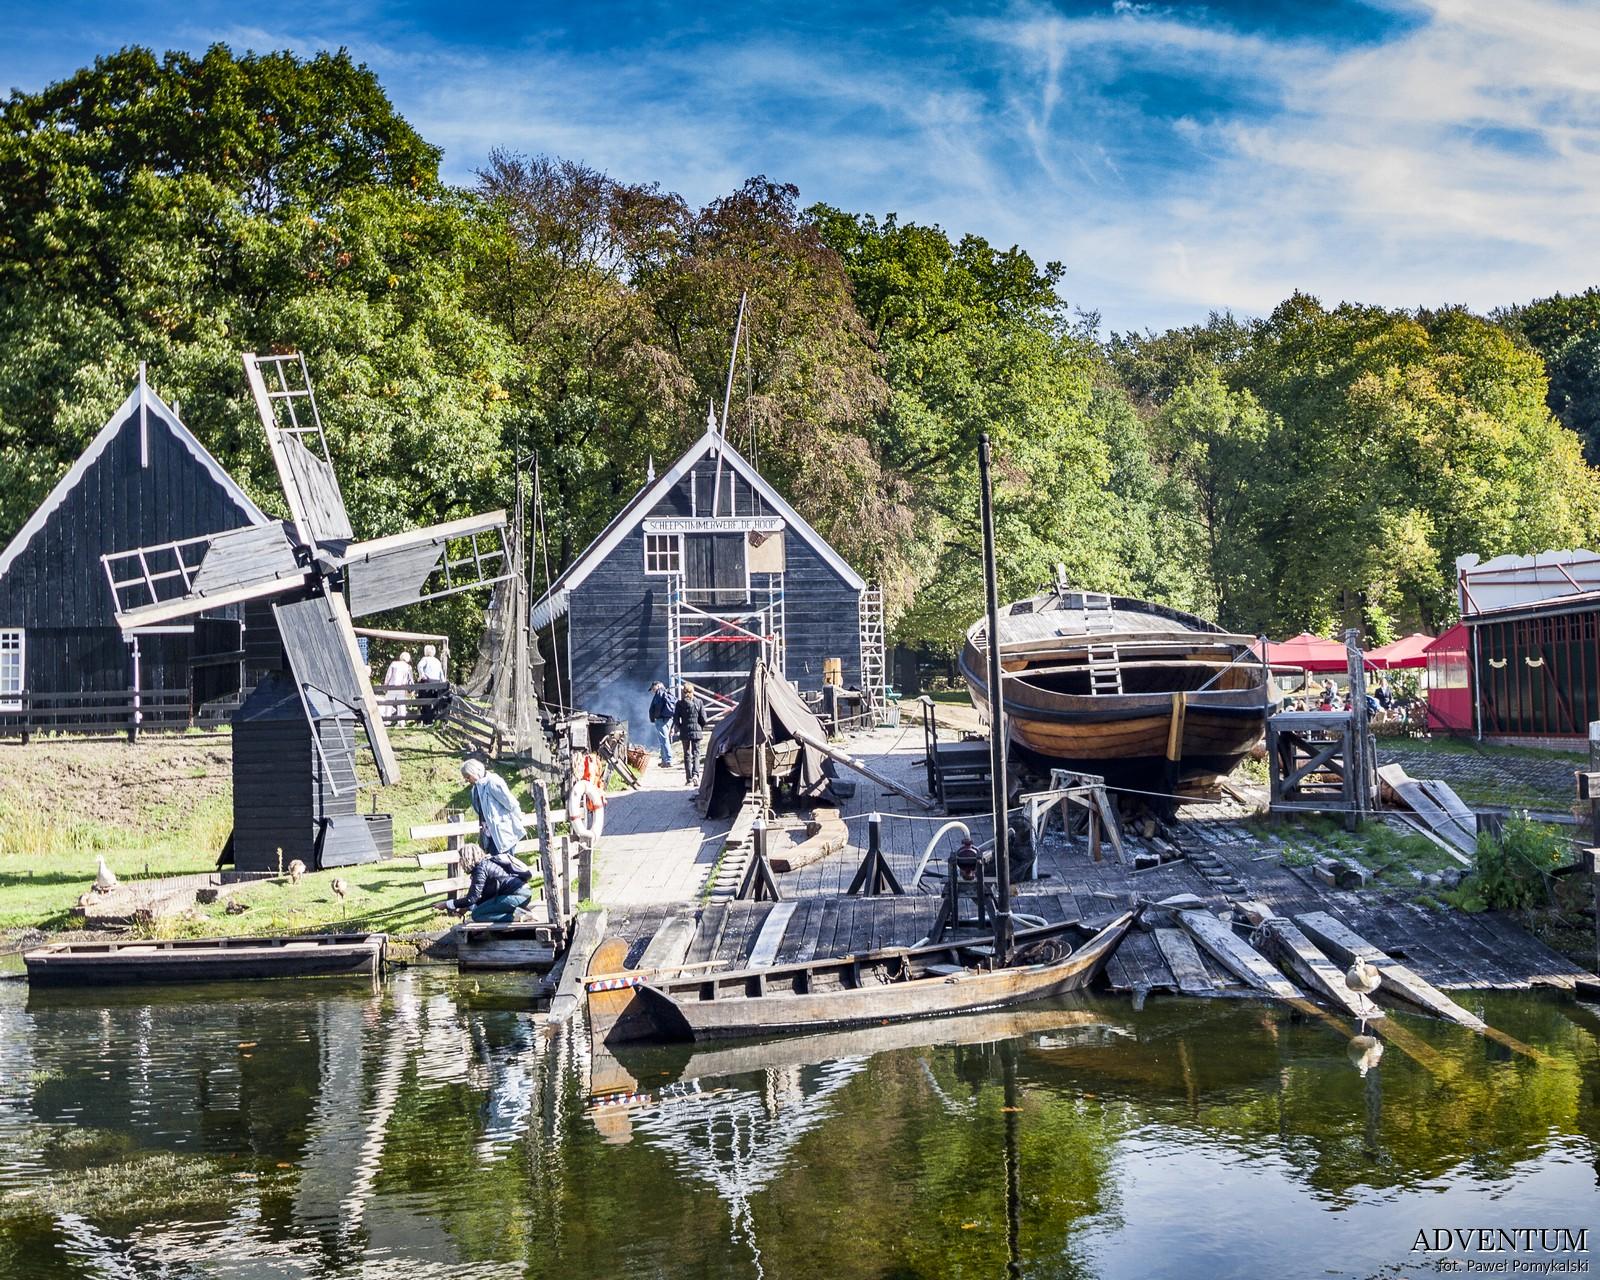 Holandia Skansen w Arnhem Atrakcje Zwiedzanie co Zobaczyć Amsterdam Rotterdam Haga Kanały Wiatraki